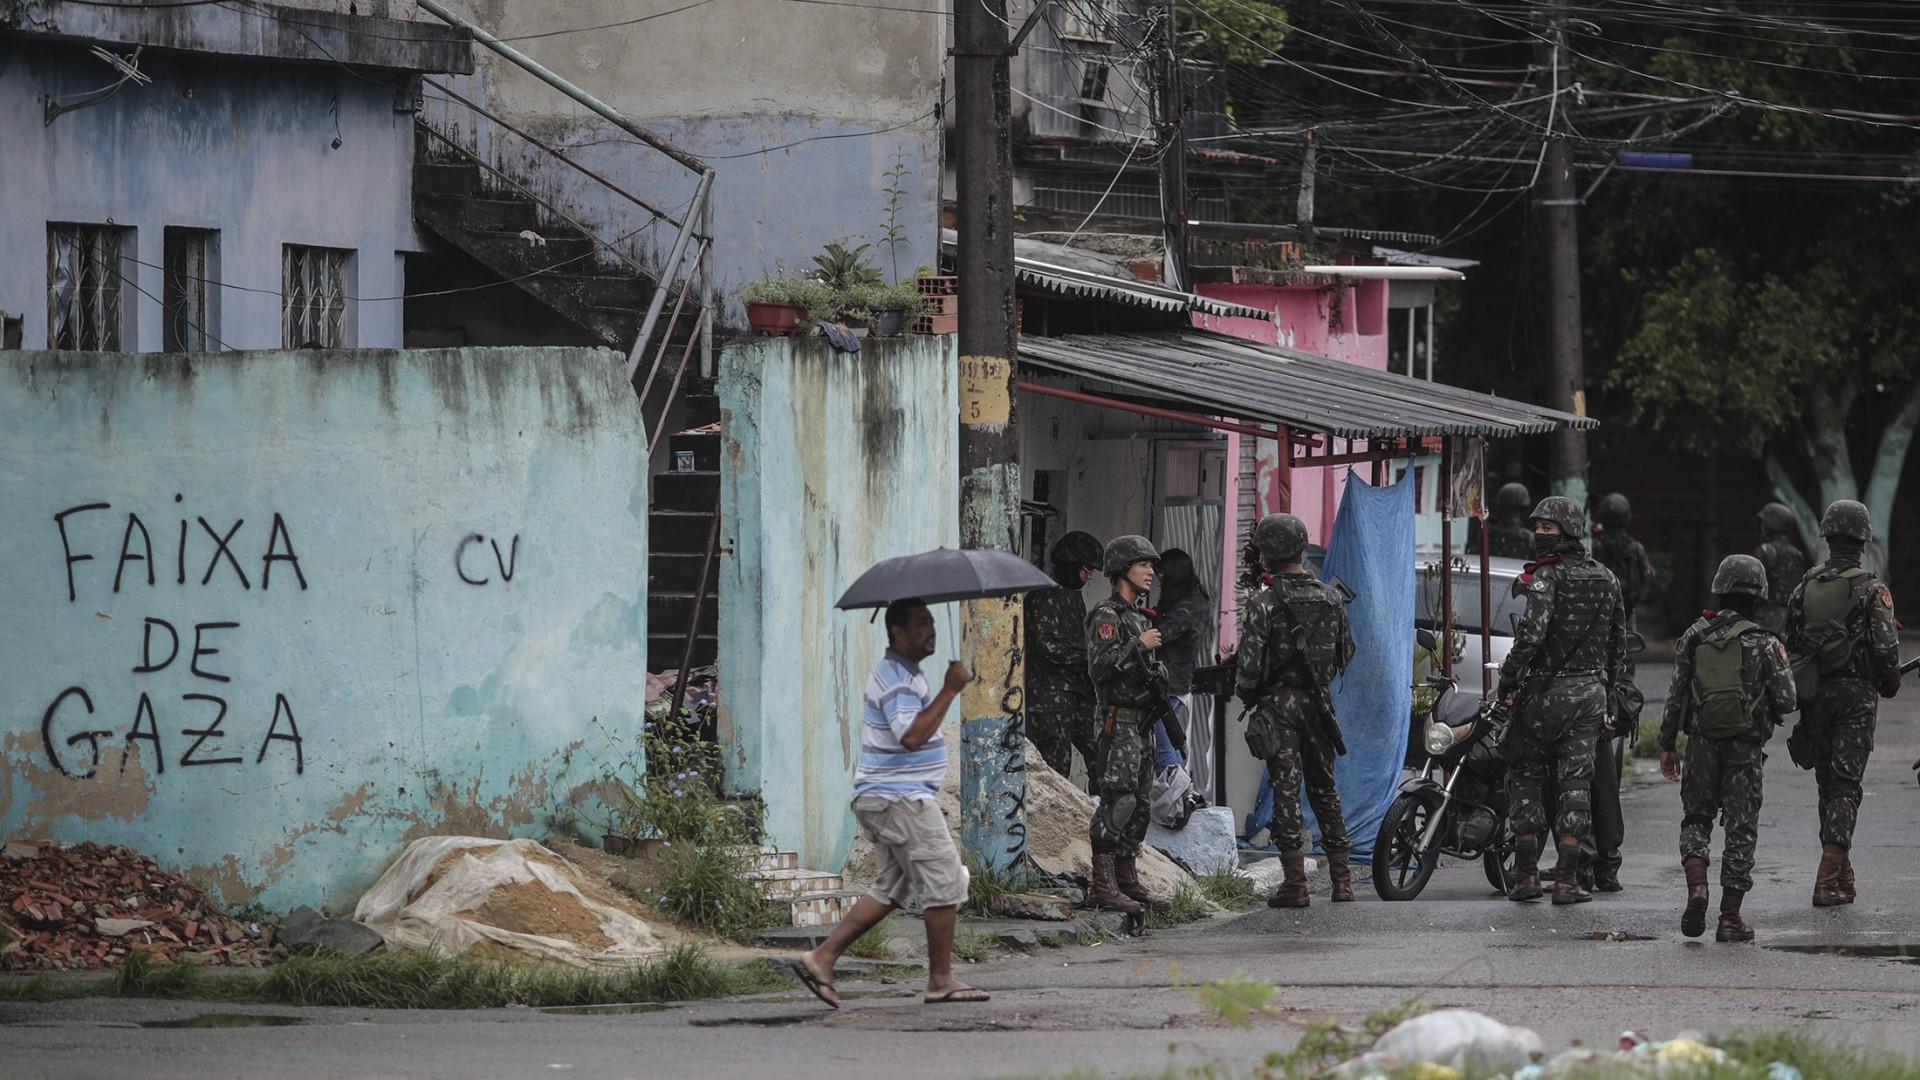 Forças Armadas realizam operação em favelas da zona oeste do Rio